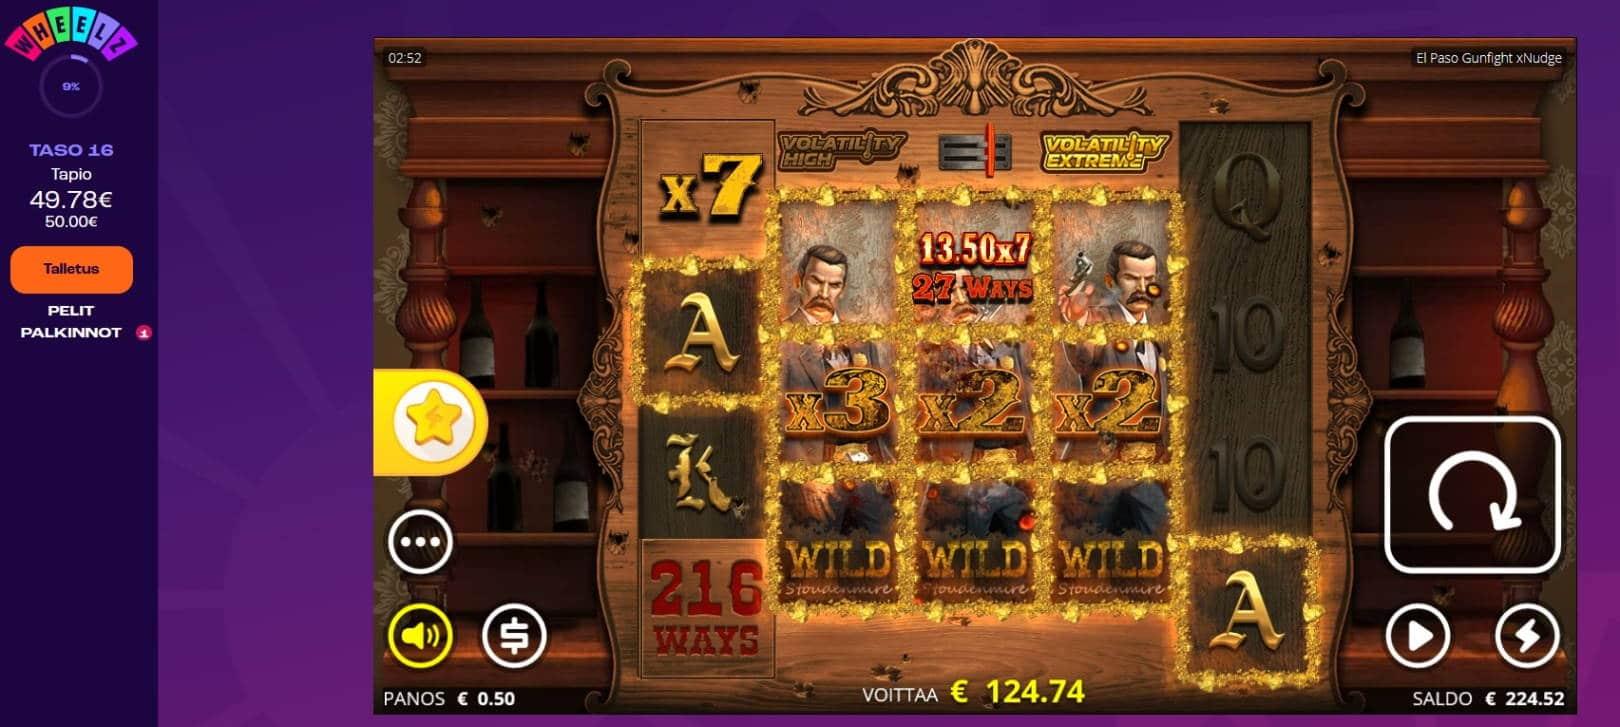 El Paso Gunfight Casino win picture by Mrmork666 28.4.2021 124.74e 249X Wheelz